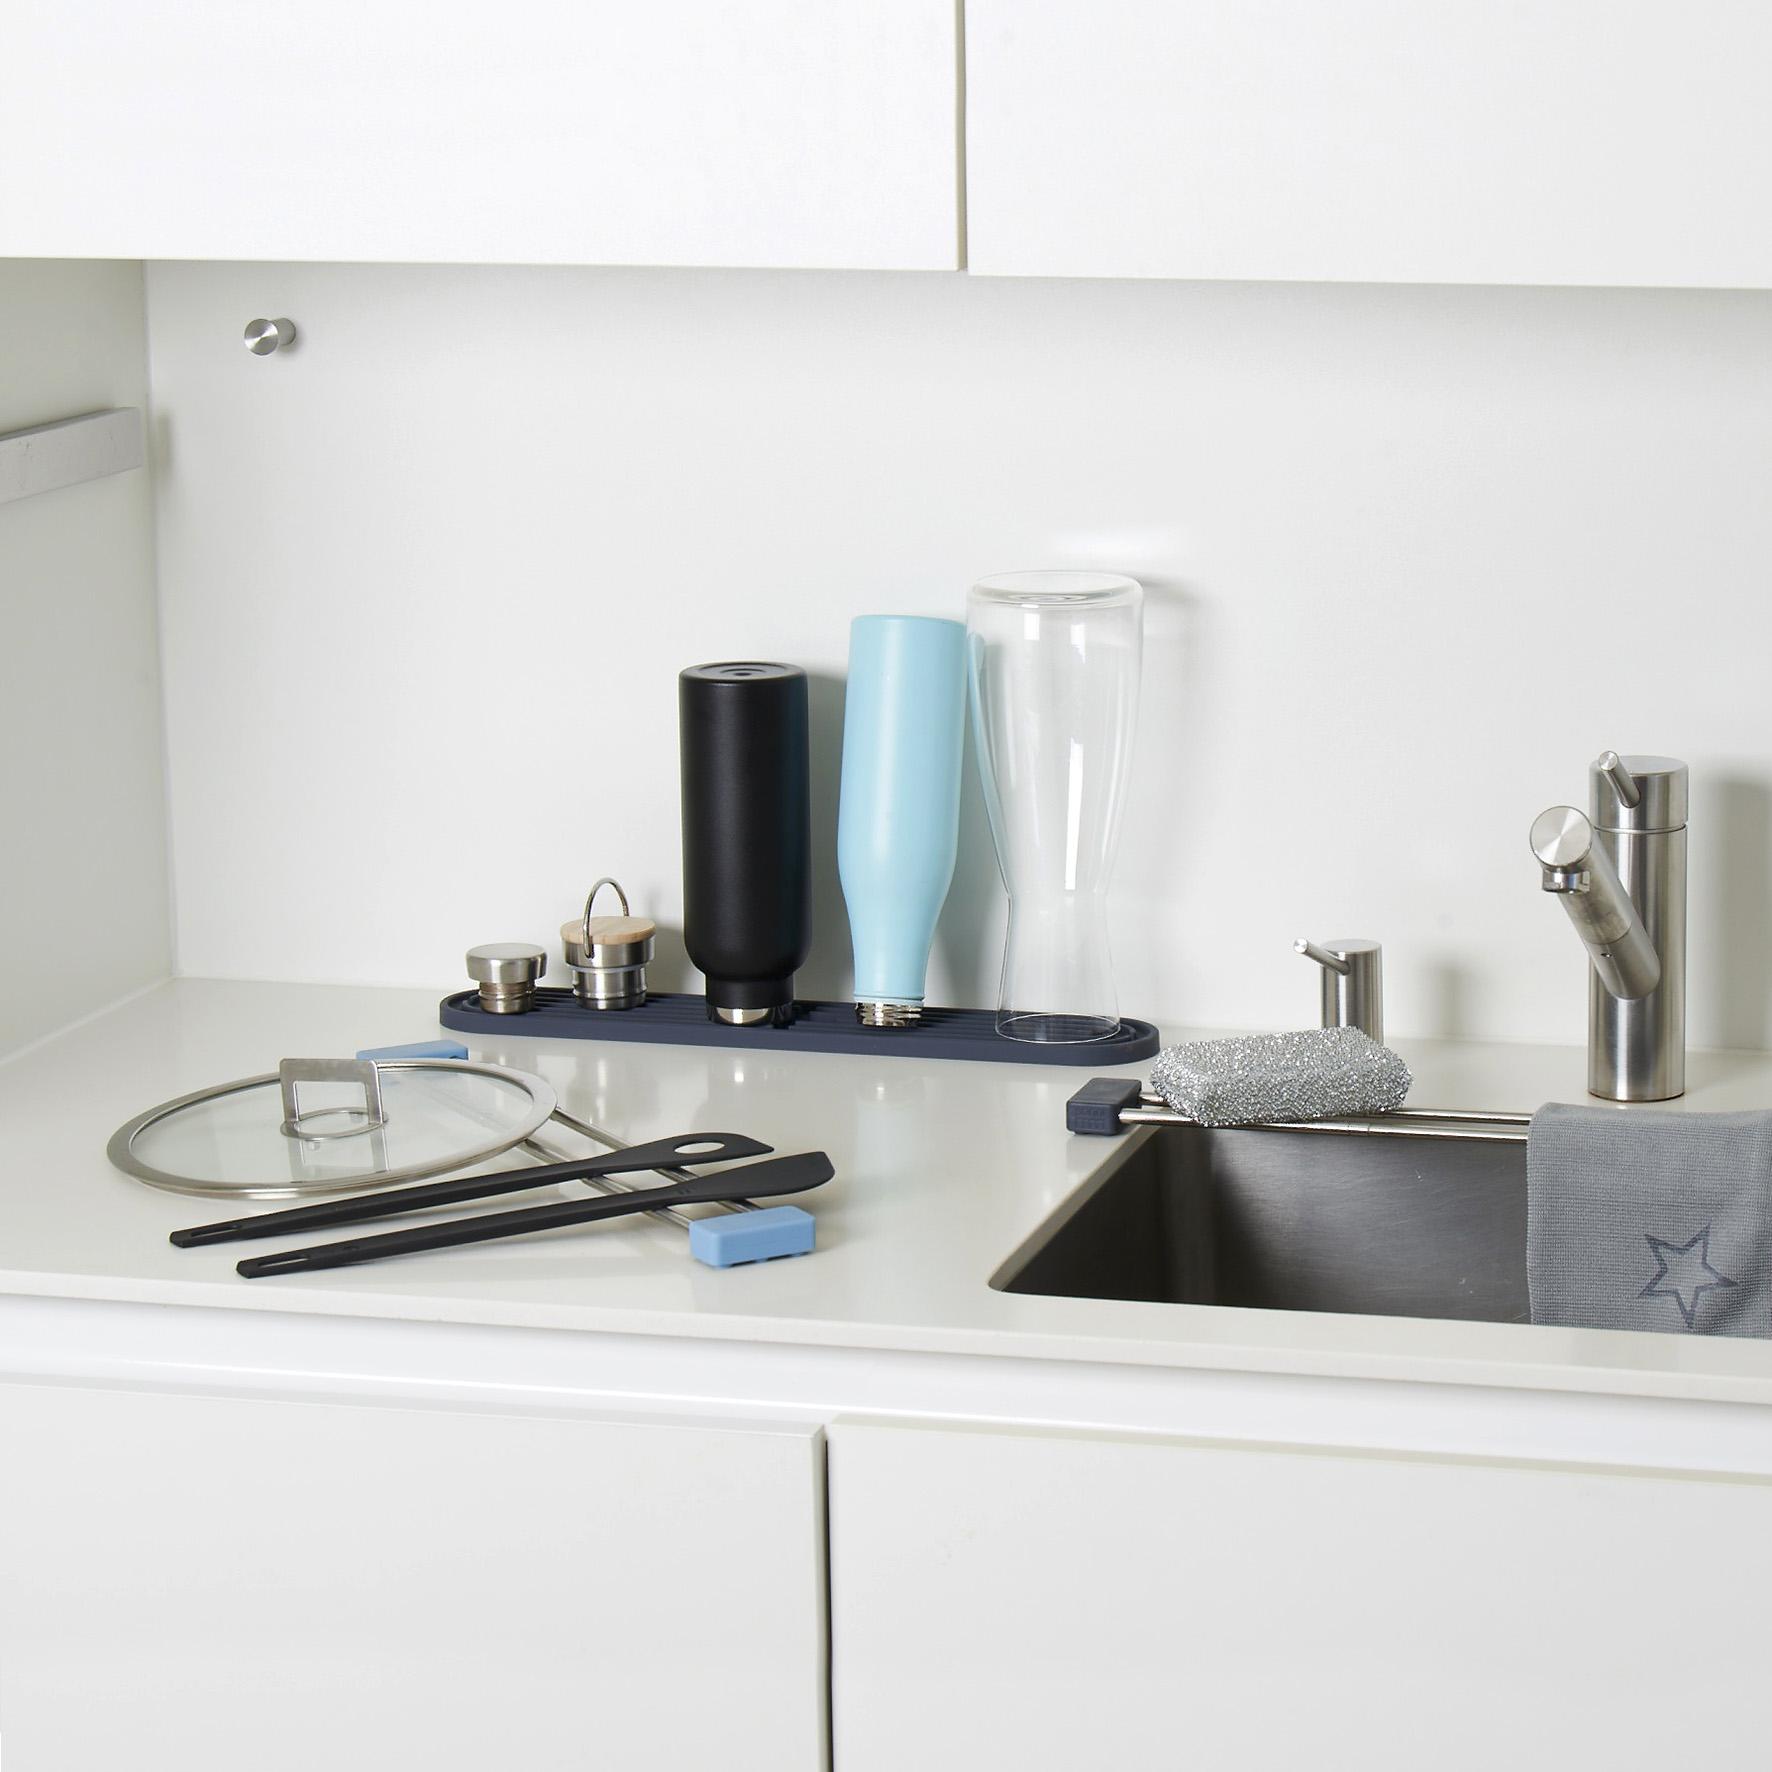 dri.pad - platzsparende Abtropfmatte, Barmatte. Spülmaschinenfestes & antibakterielles Abtropfgestell f für Karaffen, Flaschen, Babyfläschchen, Weingläser, Schneidbretter, Kochlöffel oder andere Utensilien der Küche.